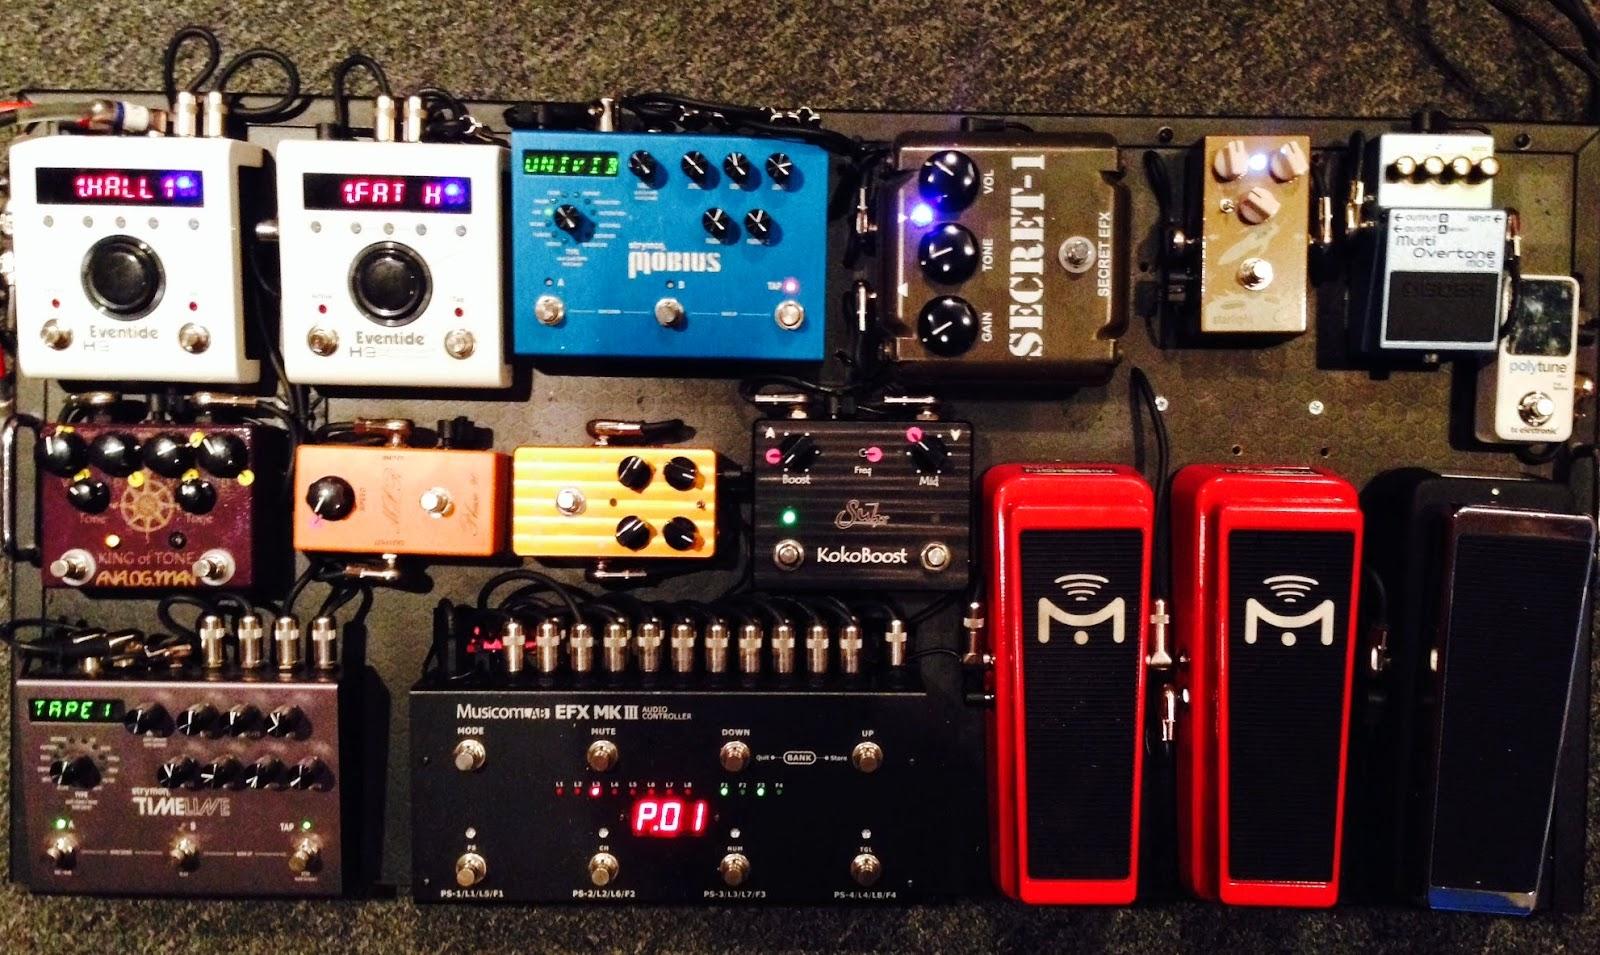 http://www.guitarcoast.com/2015/03/pedal-efeito-pedaleira-para-guitarra.html